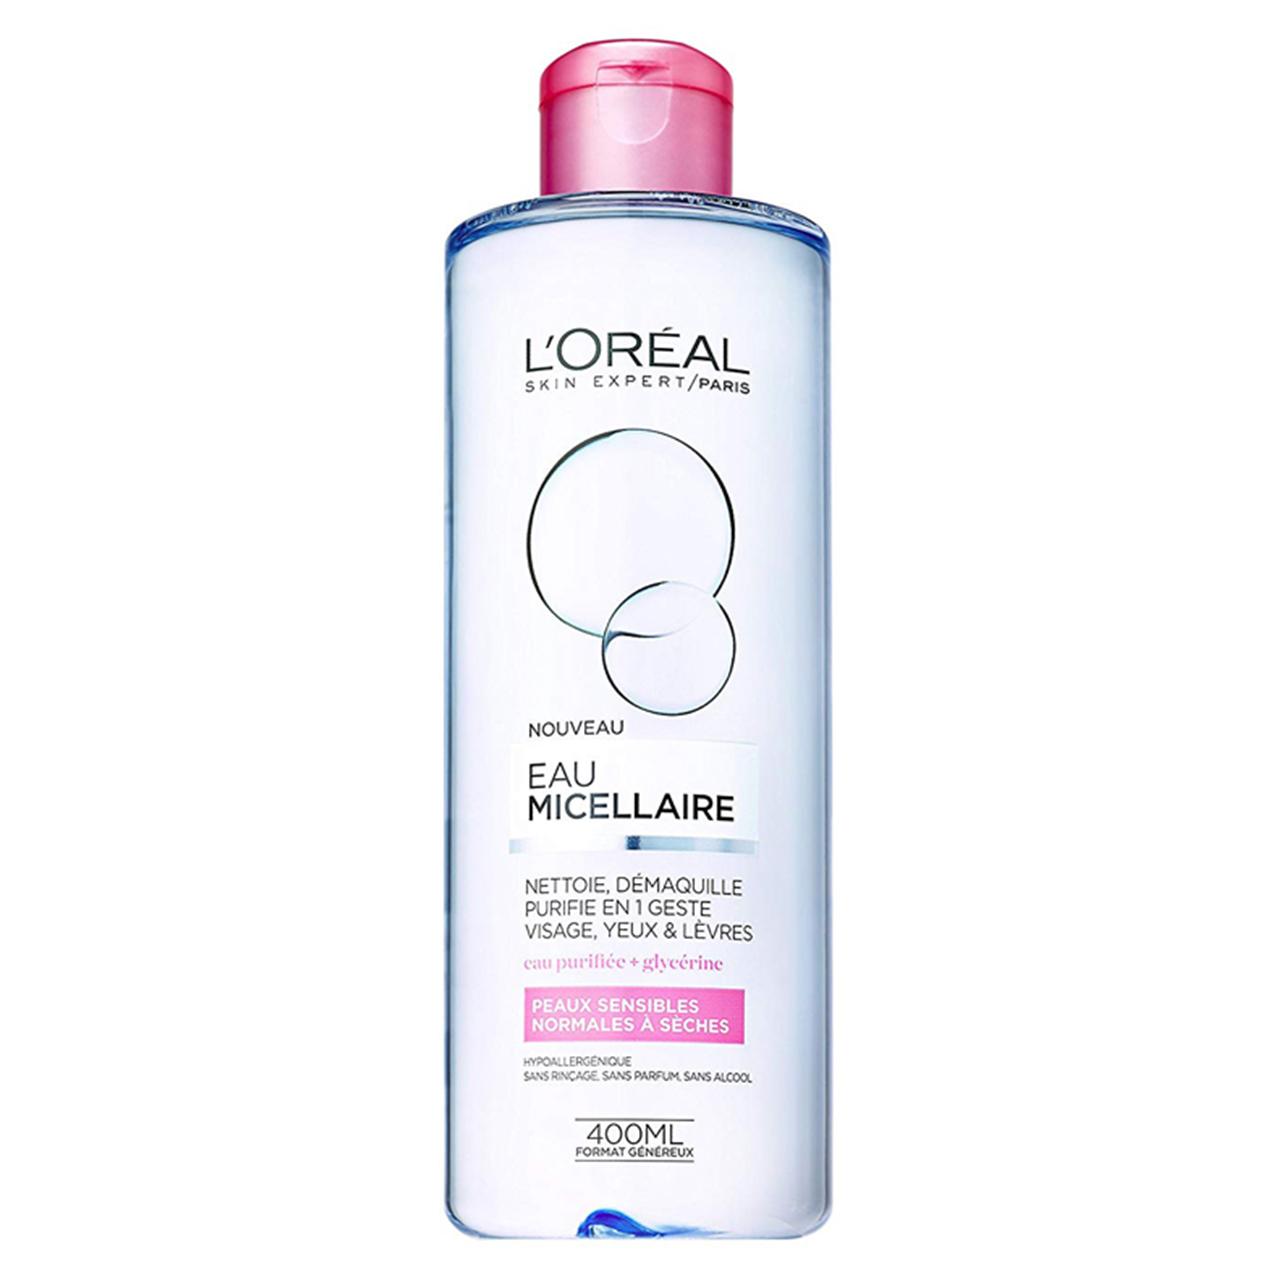 قیمت محلول پاک کننده لورآل مدل Normal to Dry Skin حجم 400 میلی لیتر